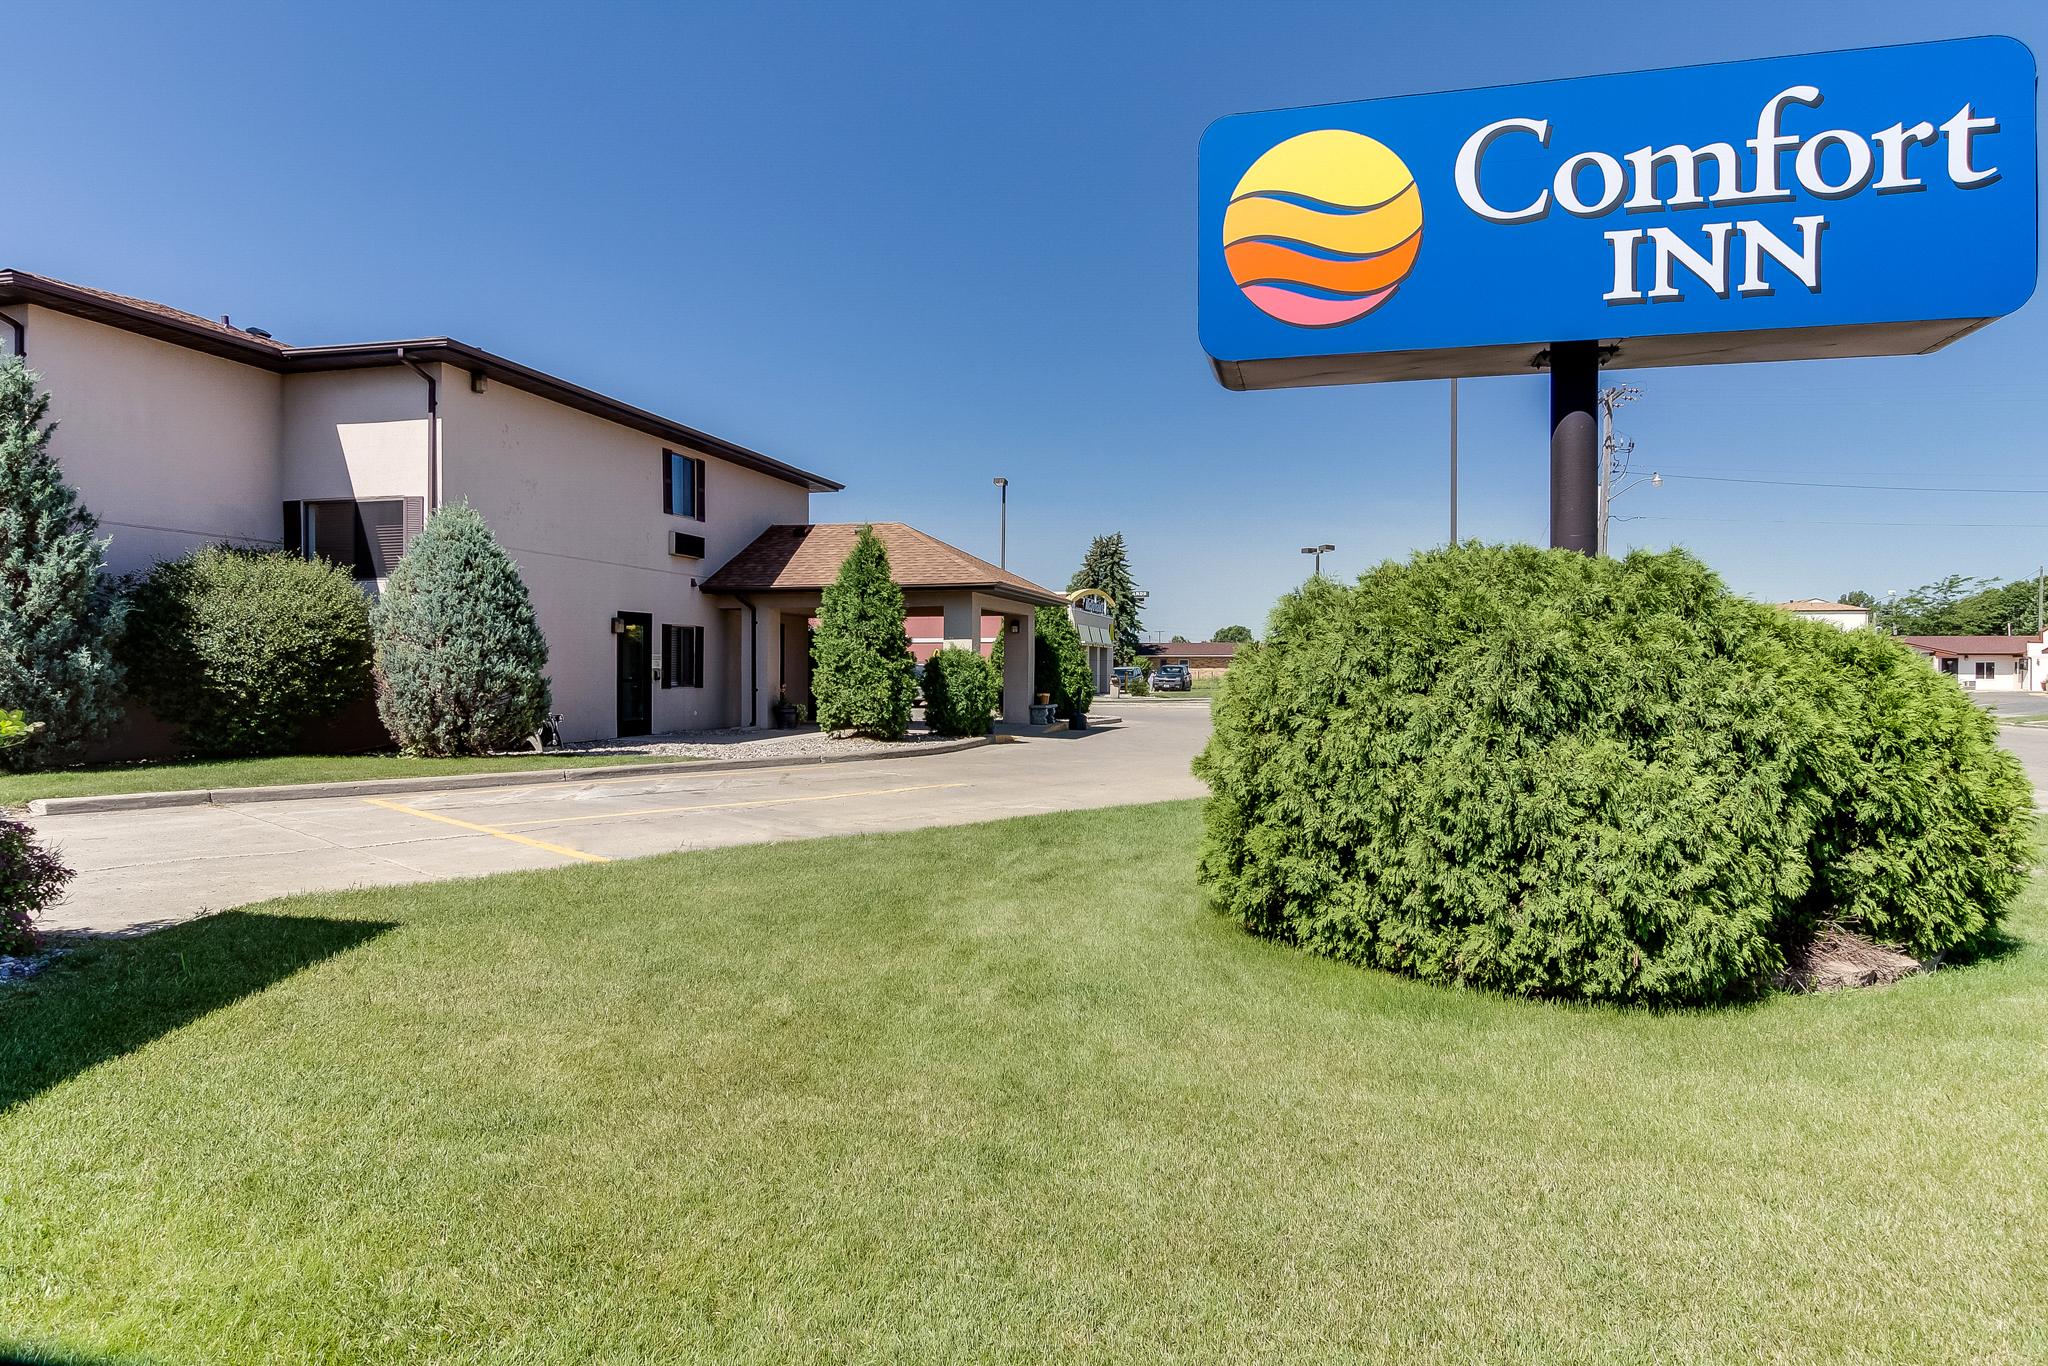 Coupon Code Comfort Inn Six 02 Coupons